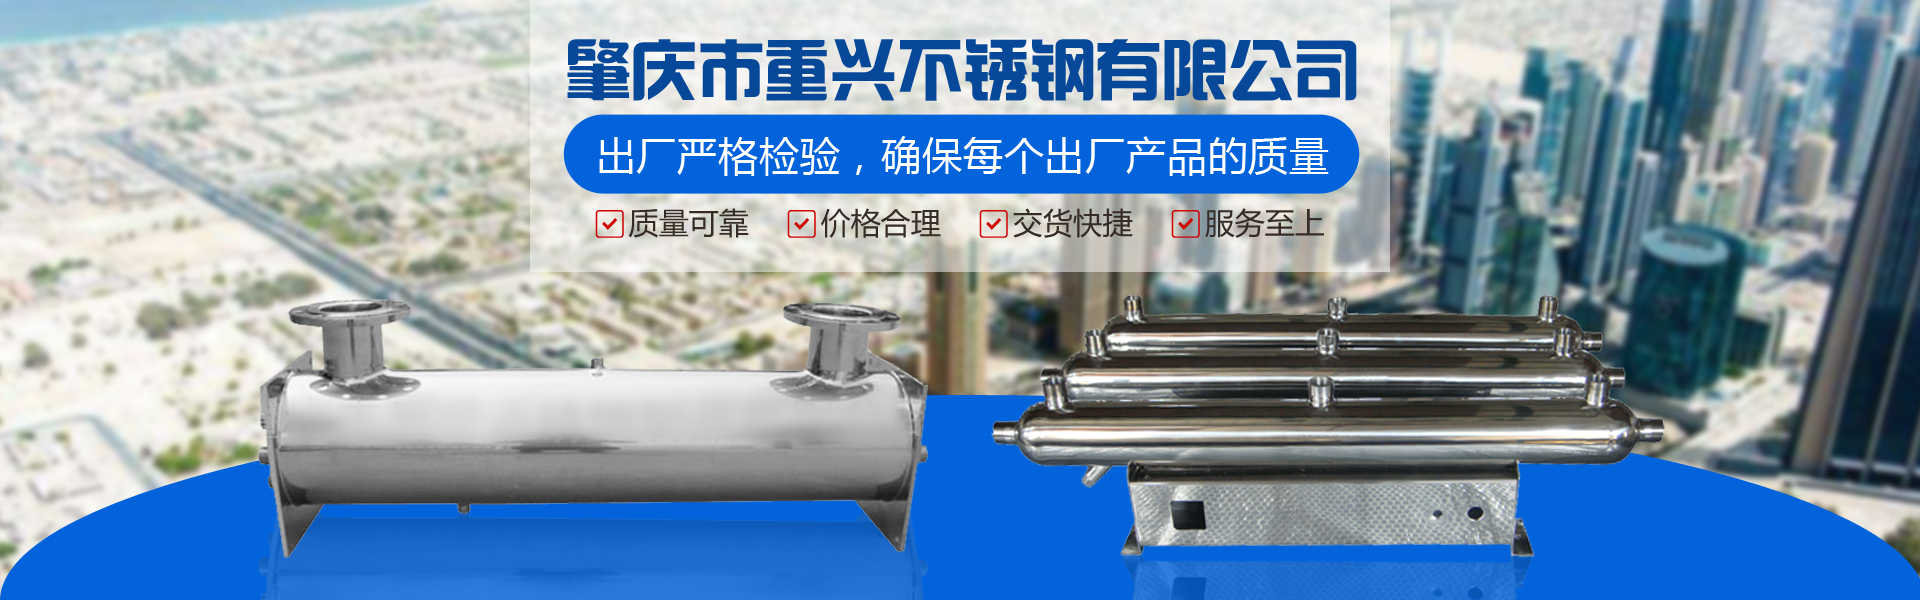 肇慶市重興不銹鋼有限公司專業生產不銹鋼集分水器、不銹鋼紫外線殺菌器等不銹鋼制品。出廠嚴格檢驗,確保每個出廠產品的質量。